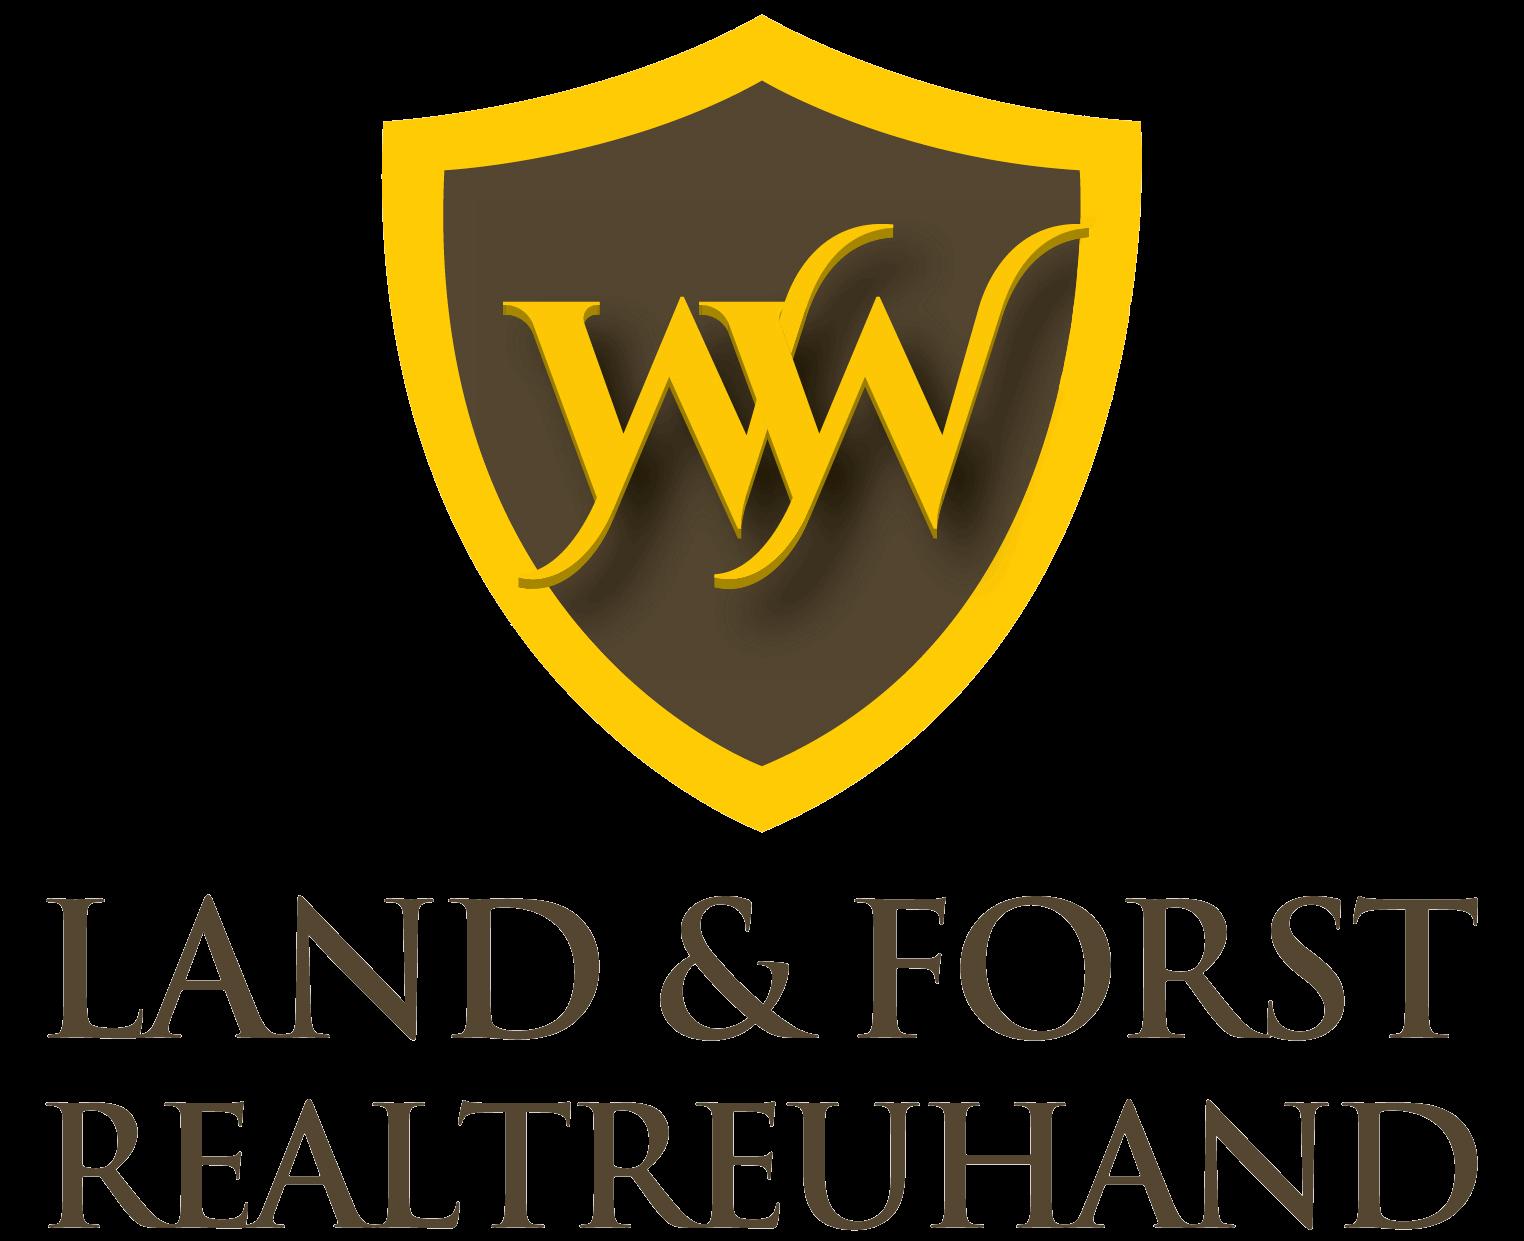 Land & Forst Realtreuhand - Stroheim, Oberösterreich | Land & Forst Realtreuhand, Immobilienmakler für Liegenschaften, land- und forstwirtschaftliche Flächen, Sacherl, Häuser und Eigenjagden sowie Projektentwicklungen